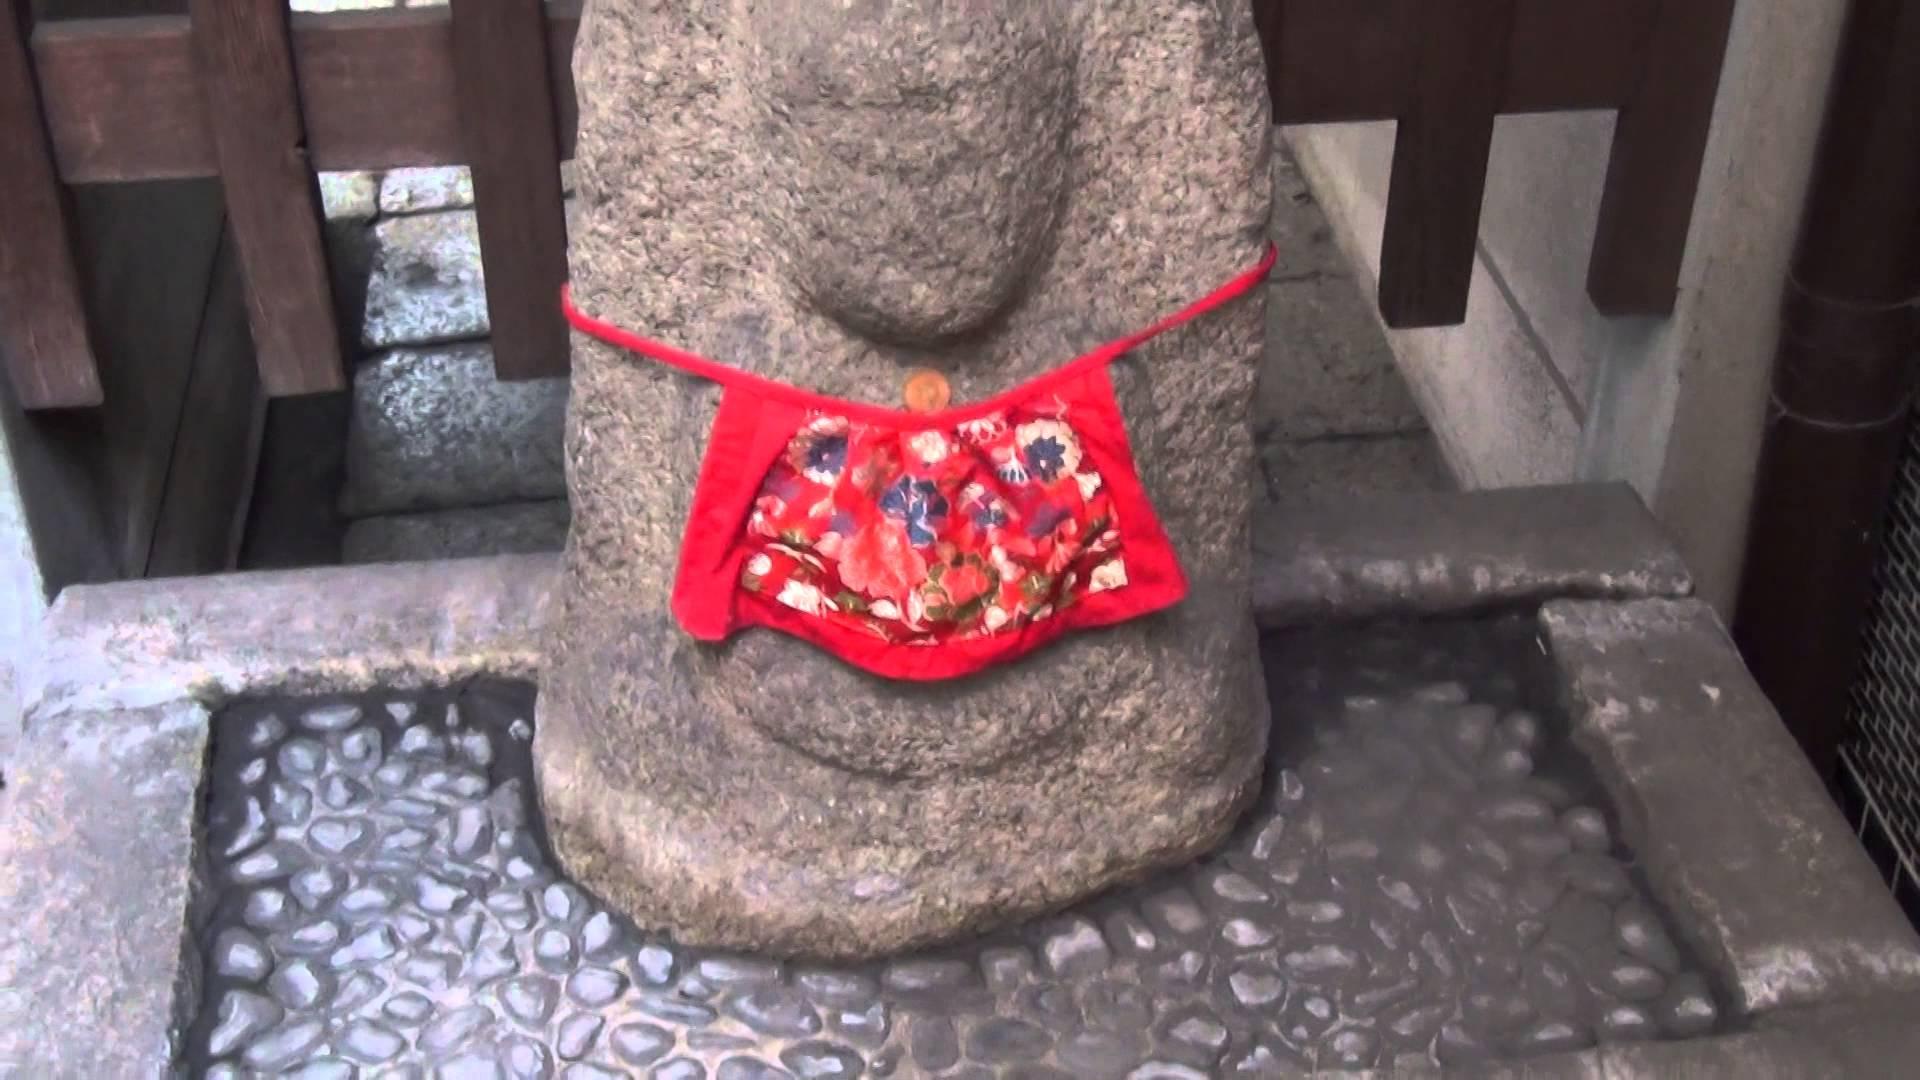 新京極商店街の神社仏閣を全部まわろう編01 L字型の入口が印象的な安産守護染殿院